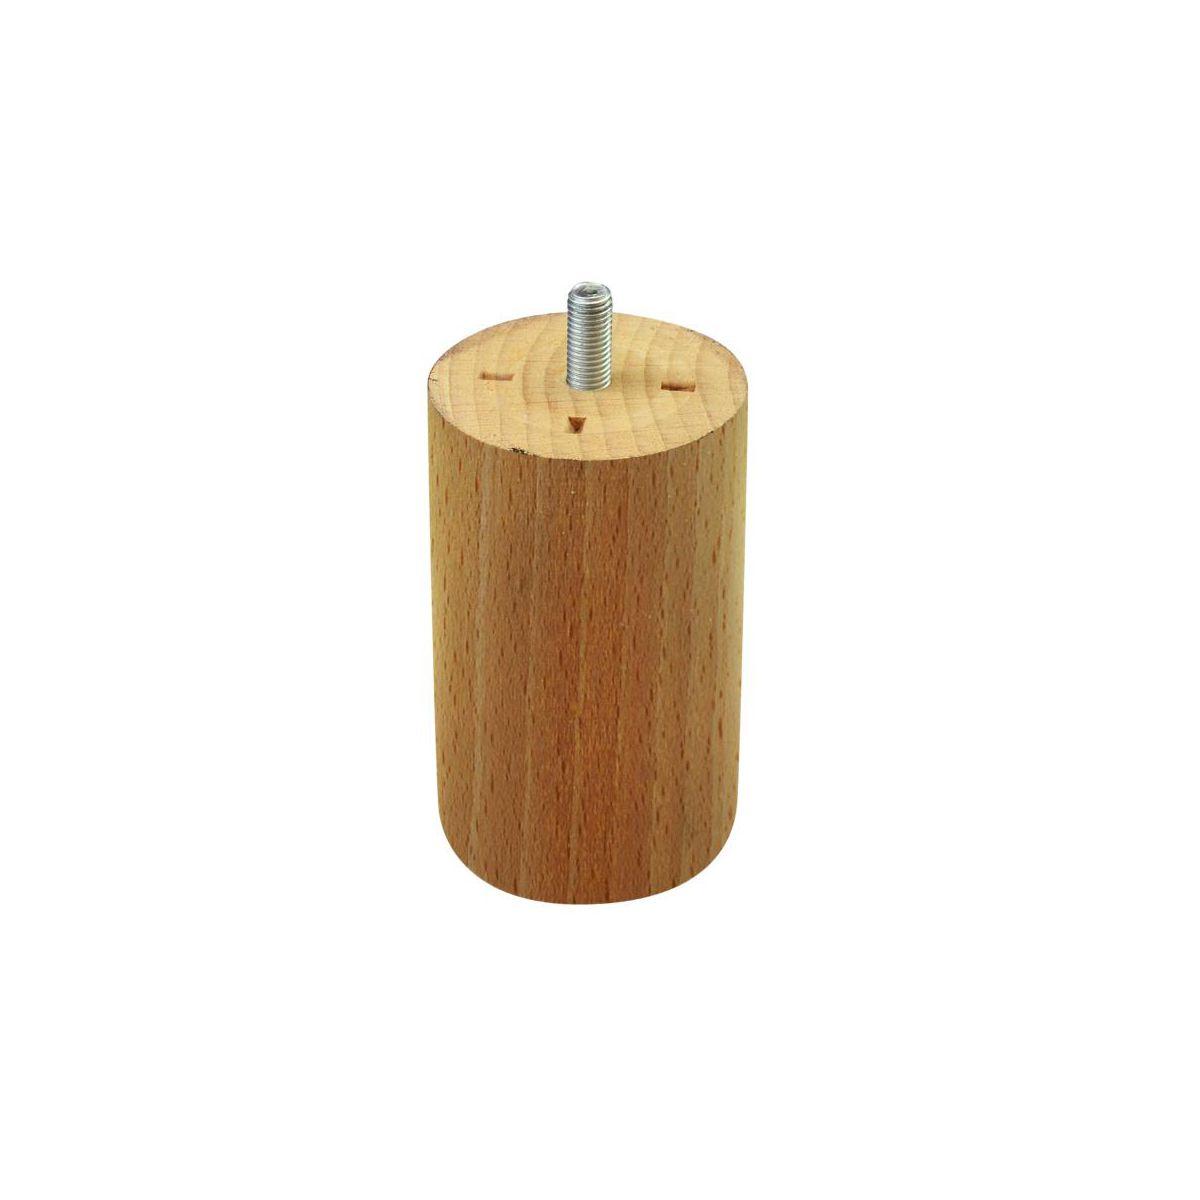 Noga meblowa drewniana okrągła